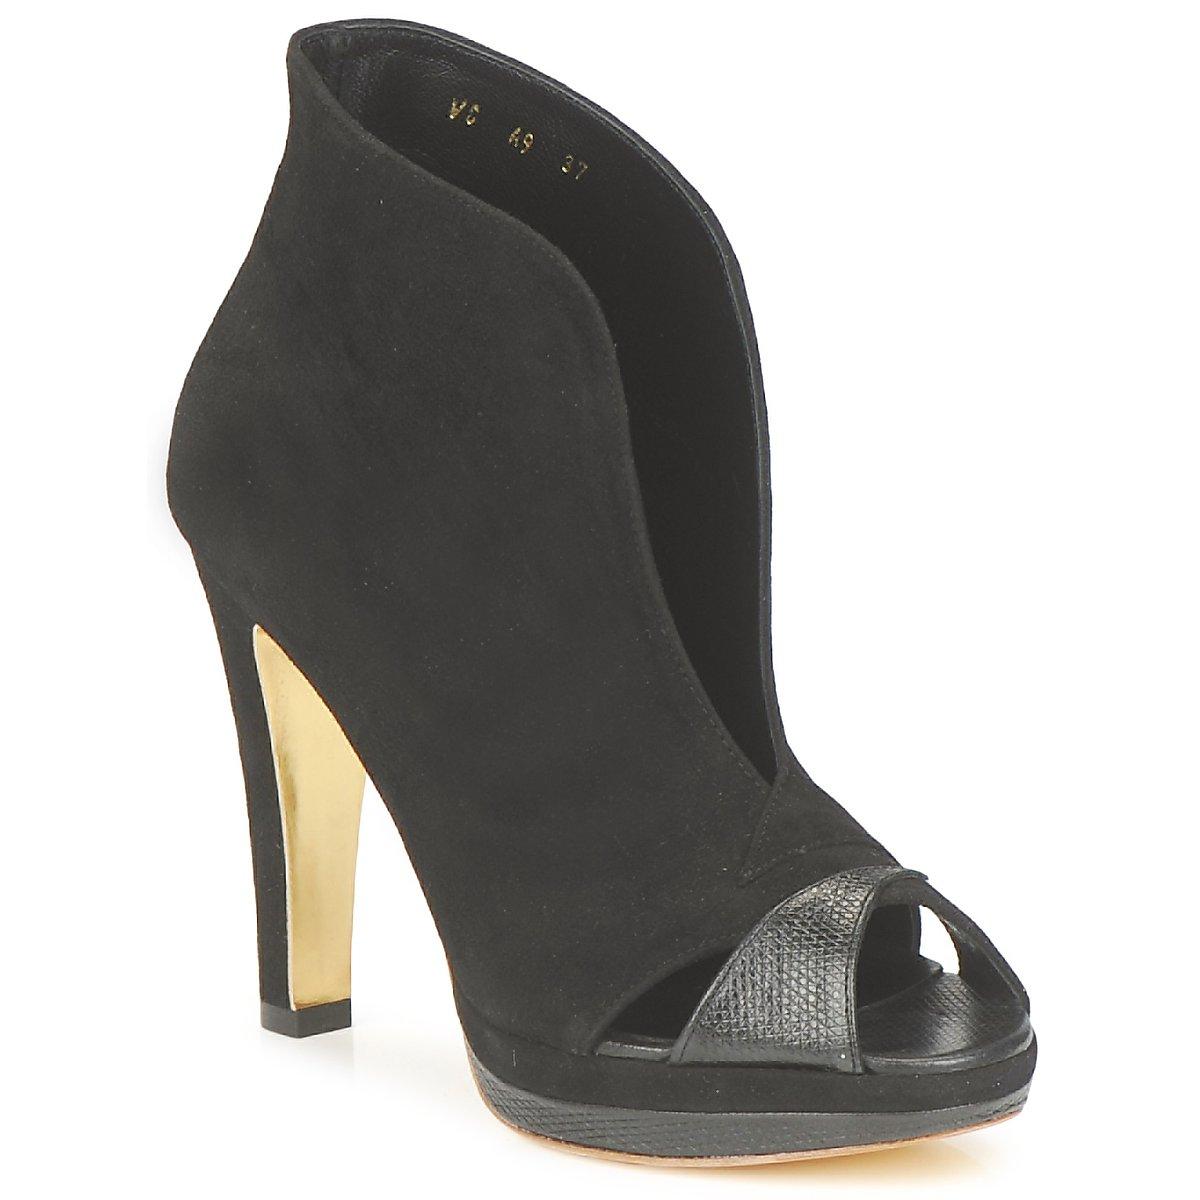 Gaspard Yurkievich A9-VAR7 Noir - Livraison Gratuite avec  - Chaussures Low boots Femme